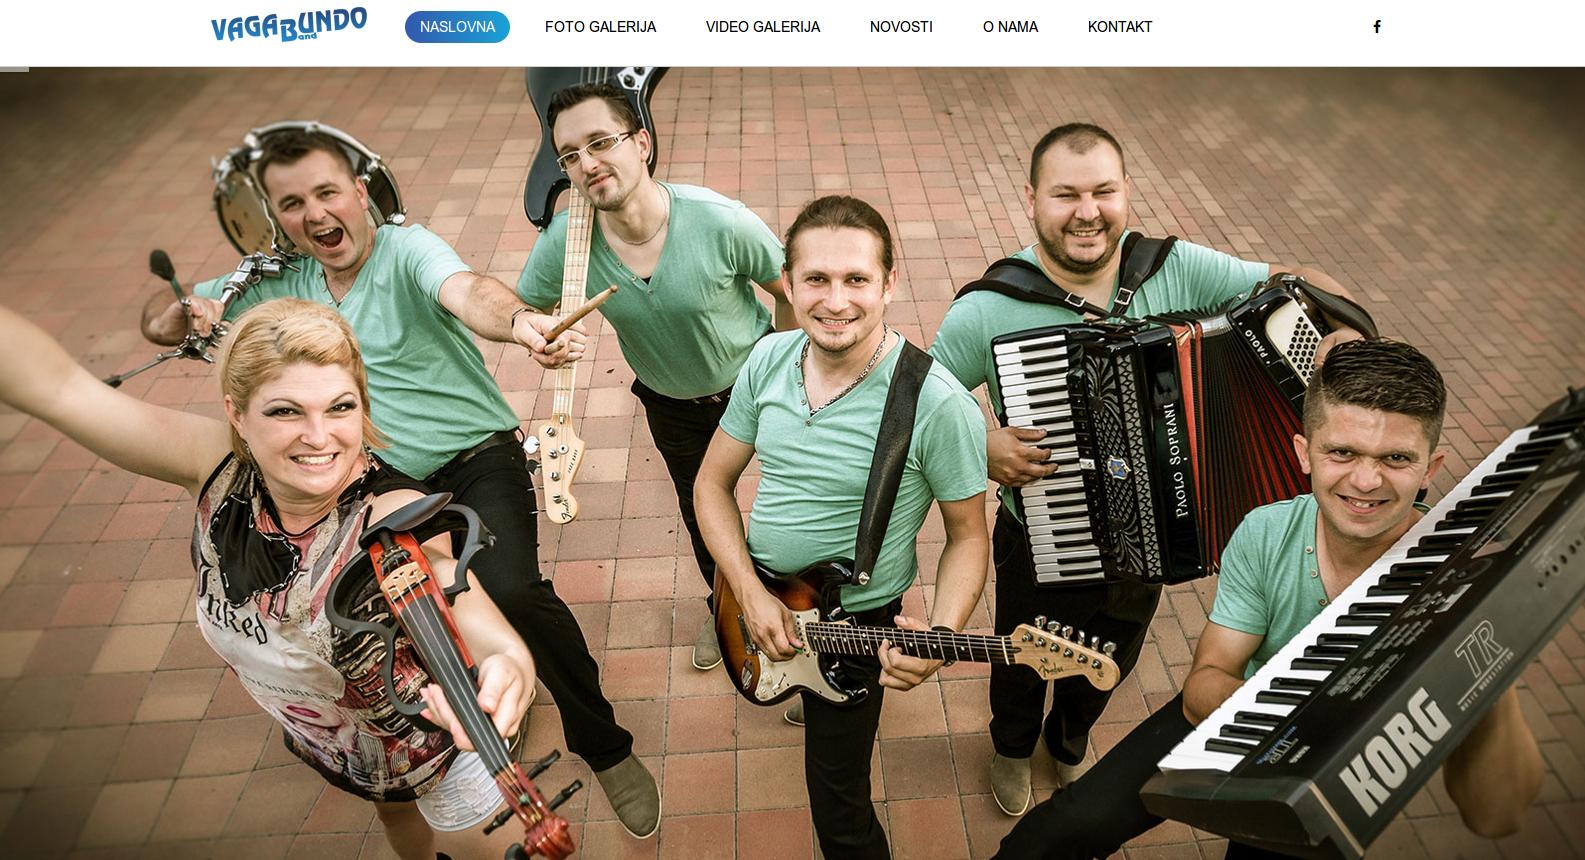 vagabundo-band.com